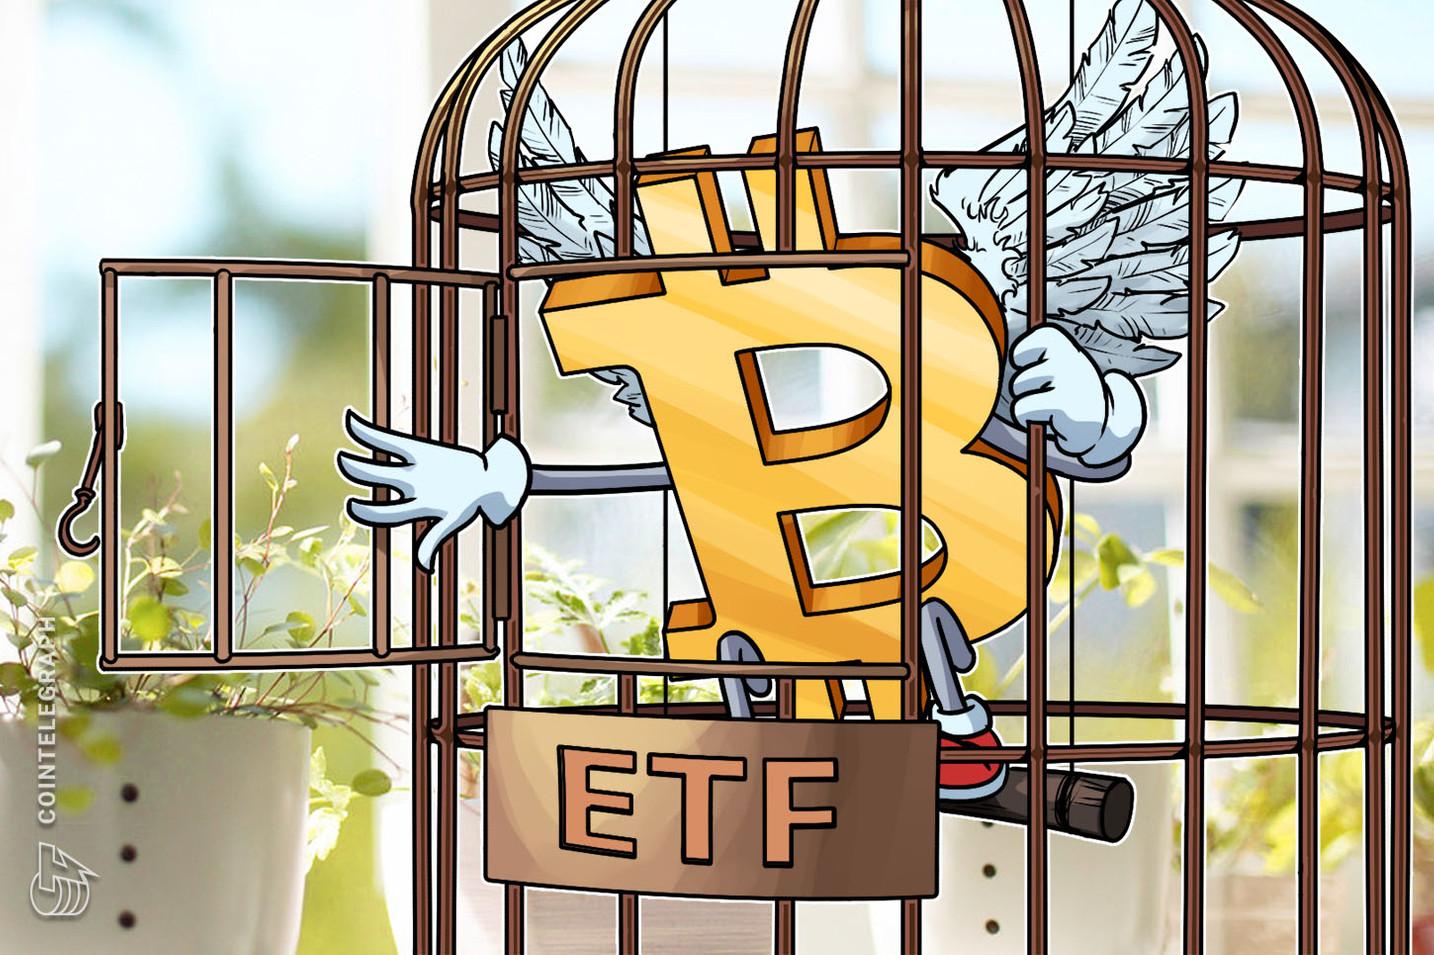 """La alternativa """"suave"""" de cripto ETF ahora se dirige a los inversores estadounidenses, dice Bloomberg"""